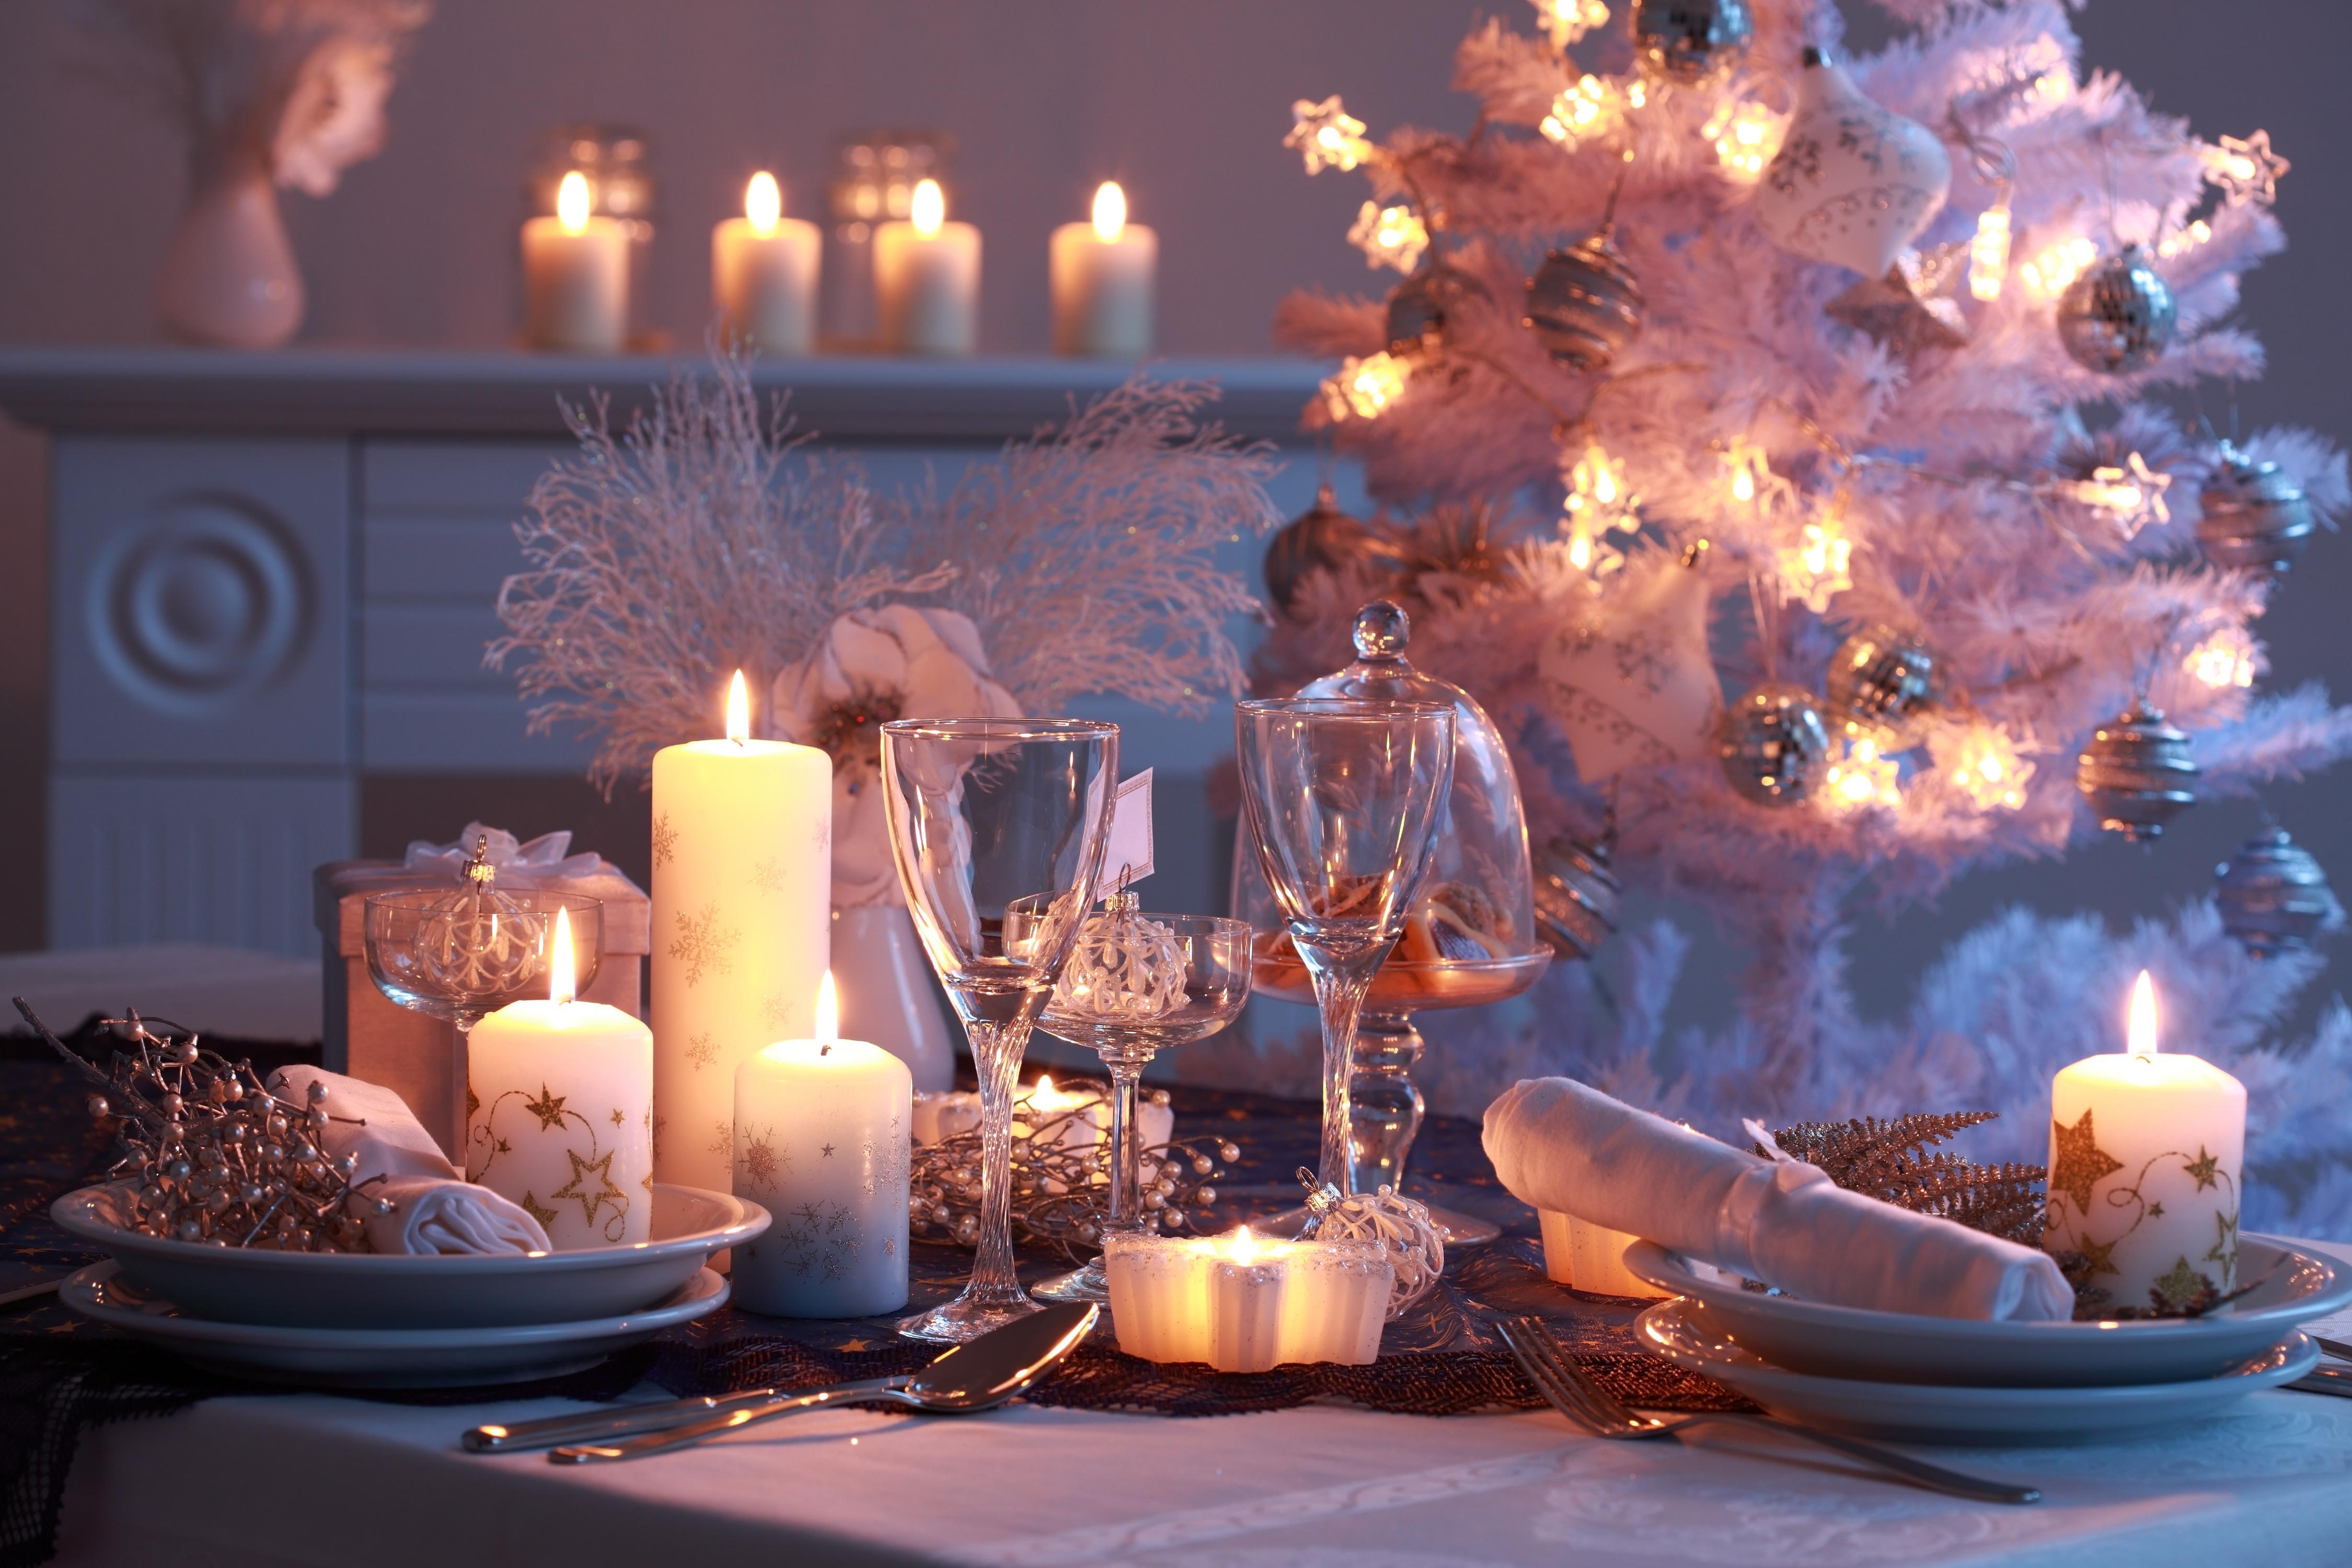 обои новогодний стол, свечи, бокалы, новый год картинки фото